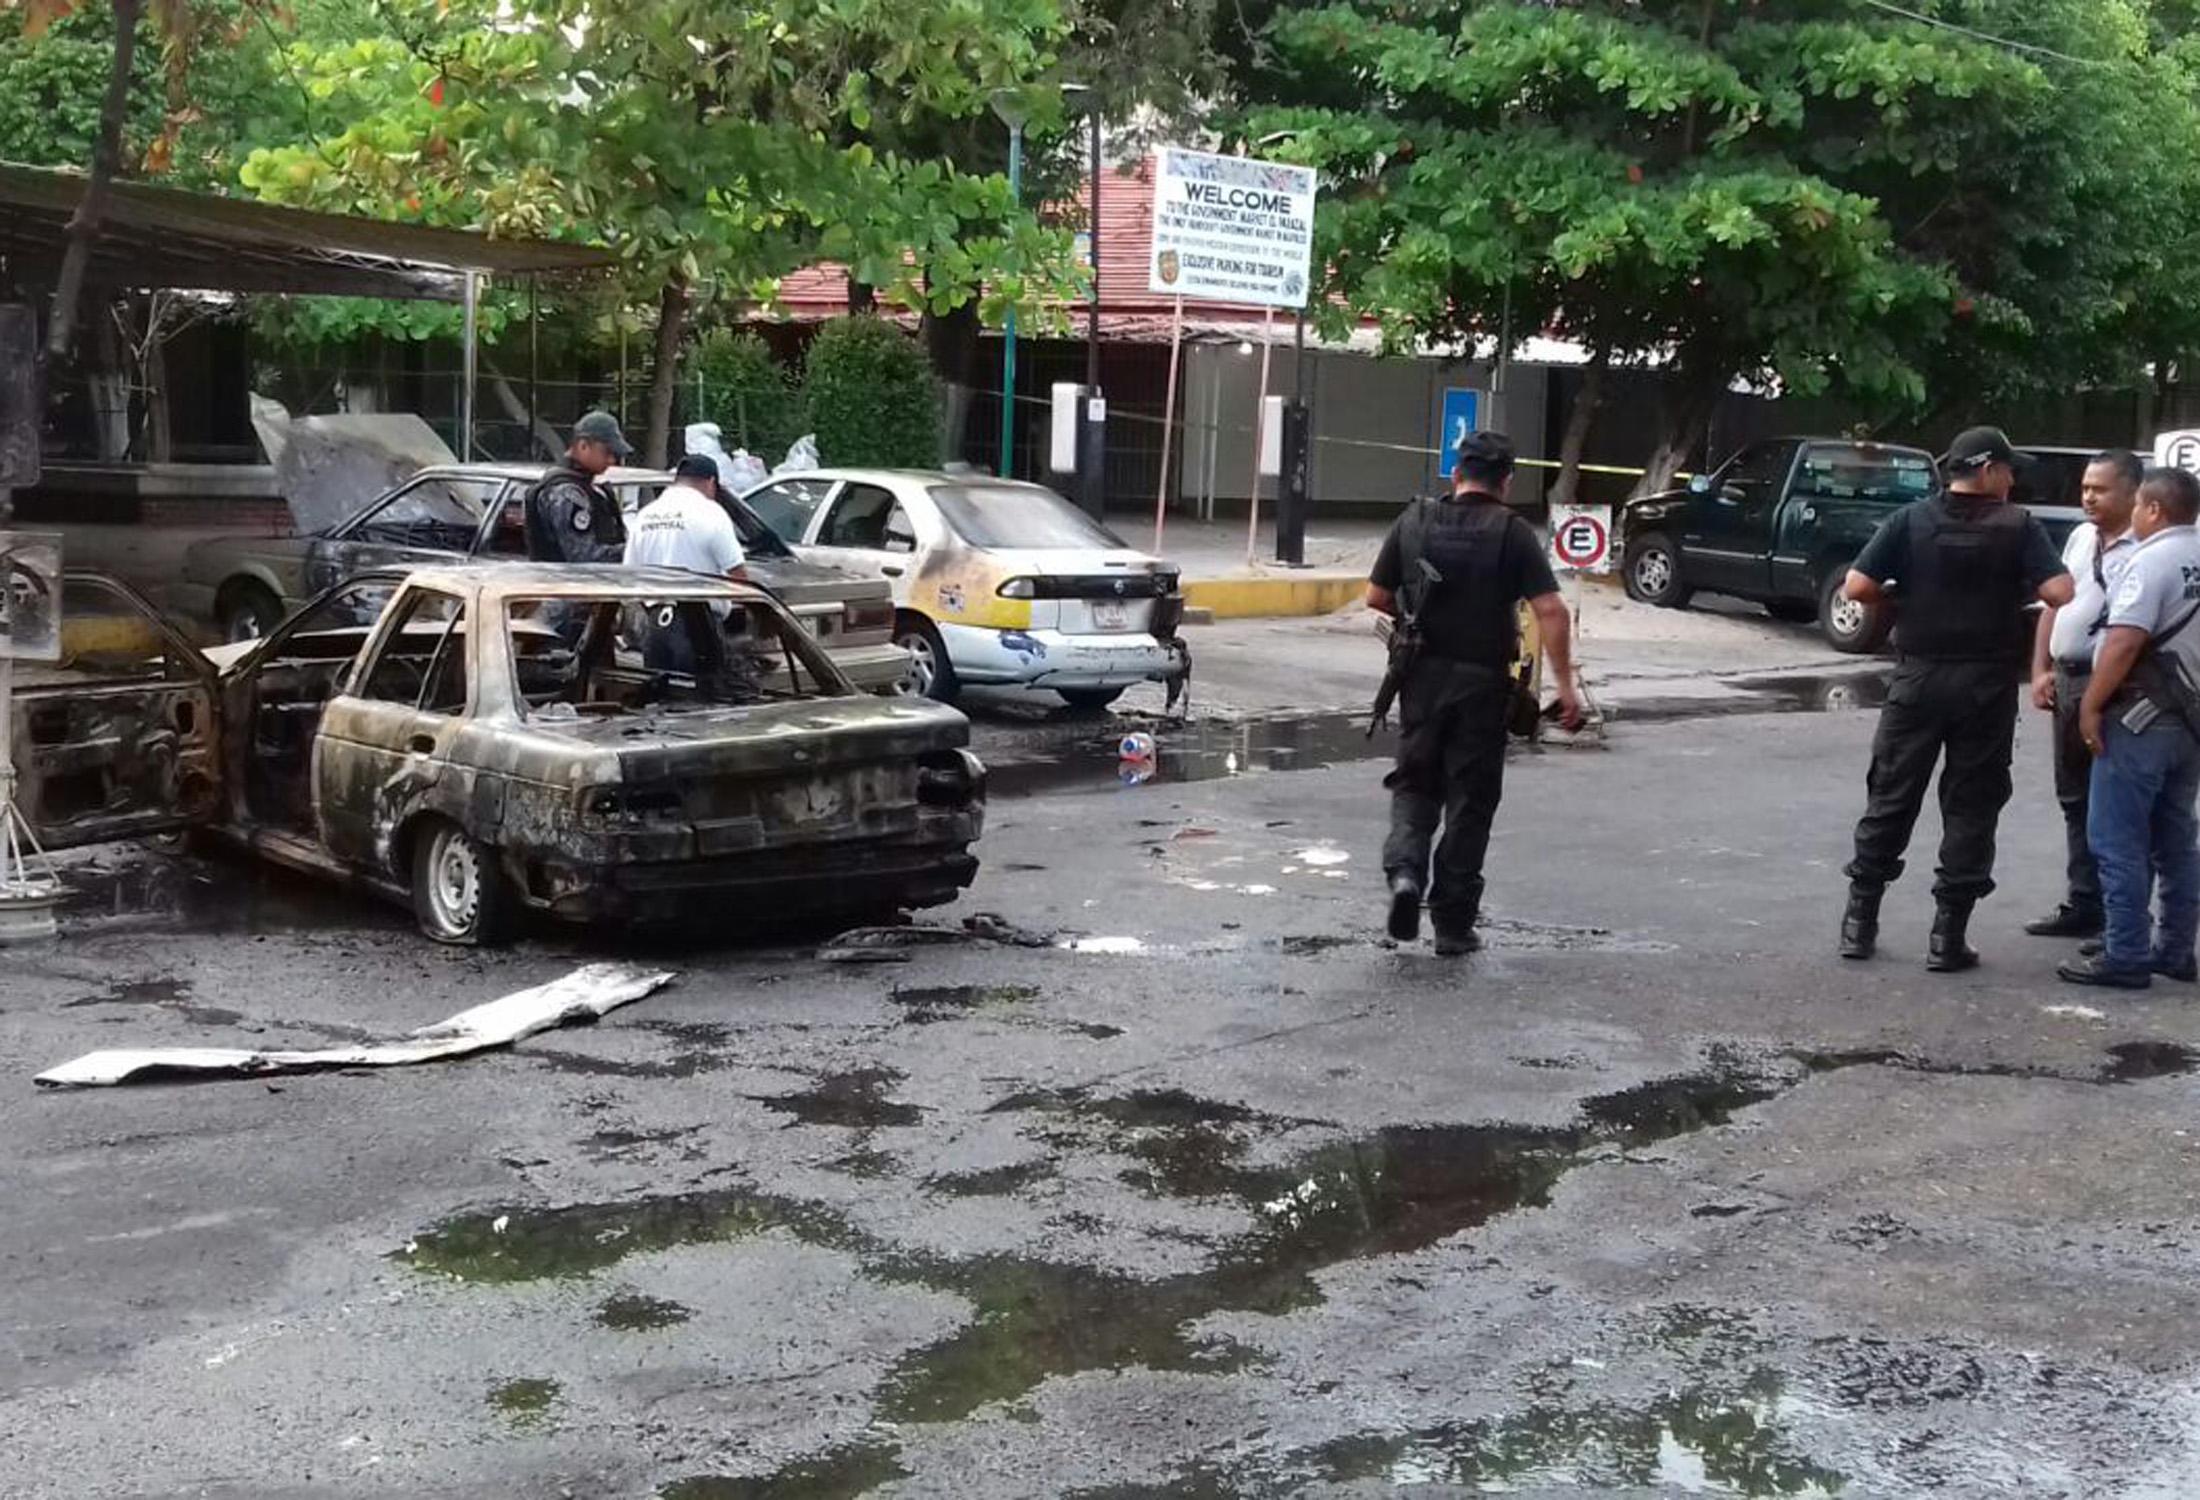 s-autos-quemados-Parazal.jpg//Acapulco Gro. 11 de marzo de 2018//Tres automóviles, dos de ellos del transporte público, fueron quemados en pleno centro de la ciudad. El incendio fue reportado minutos antes de las 6 de la tarde, en la calle Morteros, en las inmediaciones del mercado Parazal. Foto: El Sur.